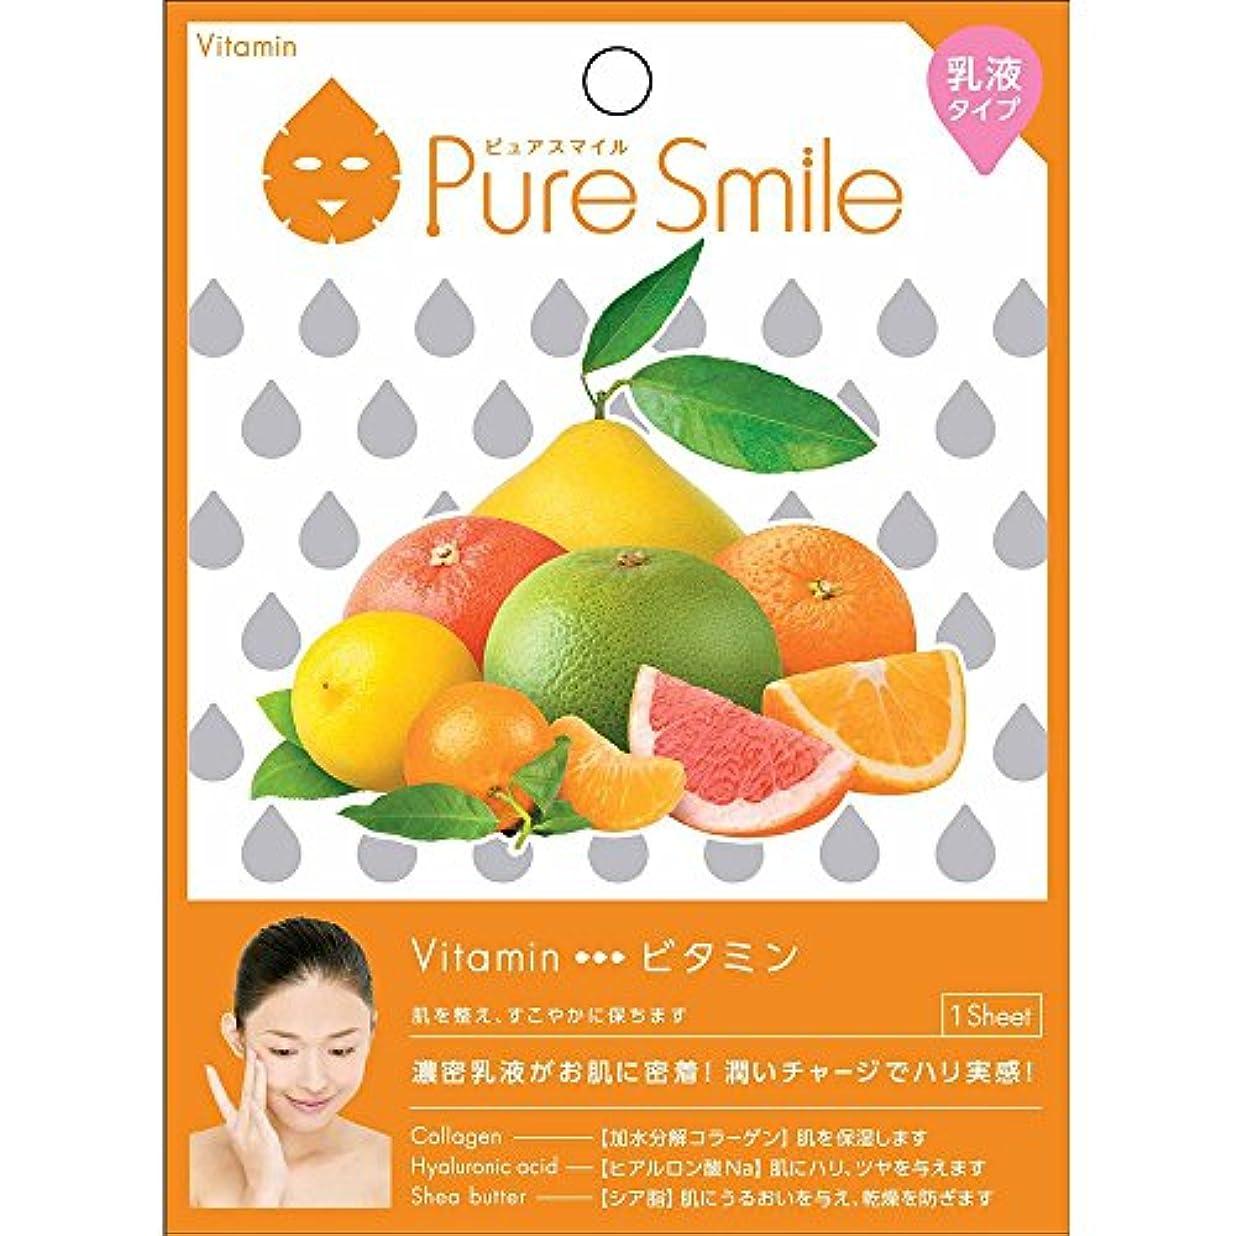 人生を作るバスト下向きPure Smile(ピュアスマイル) 乳液エッセンスマスク 1 枚 ビタミン